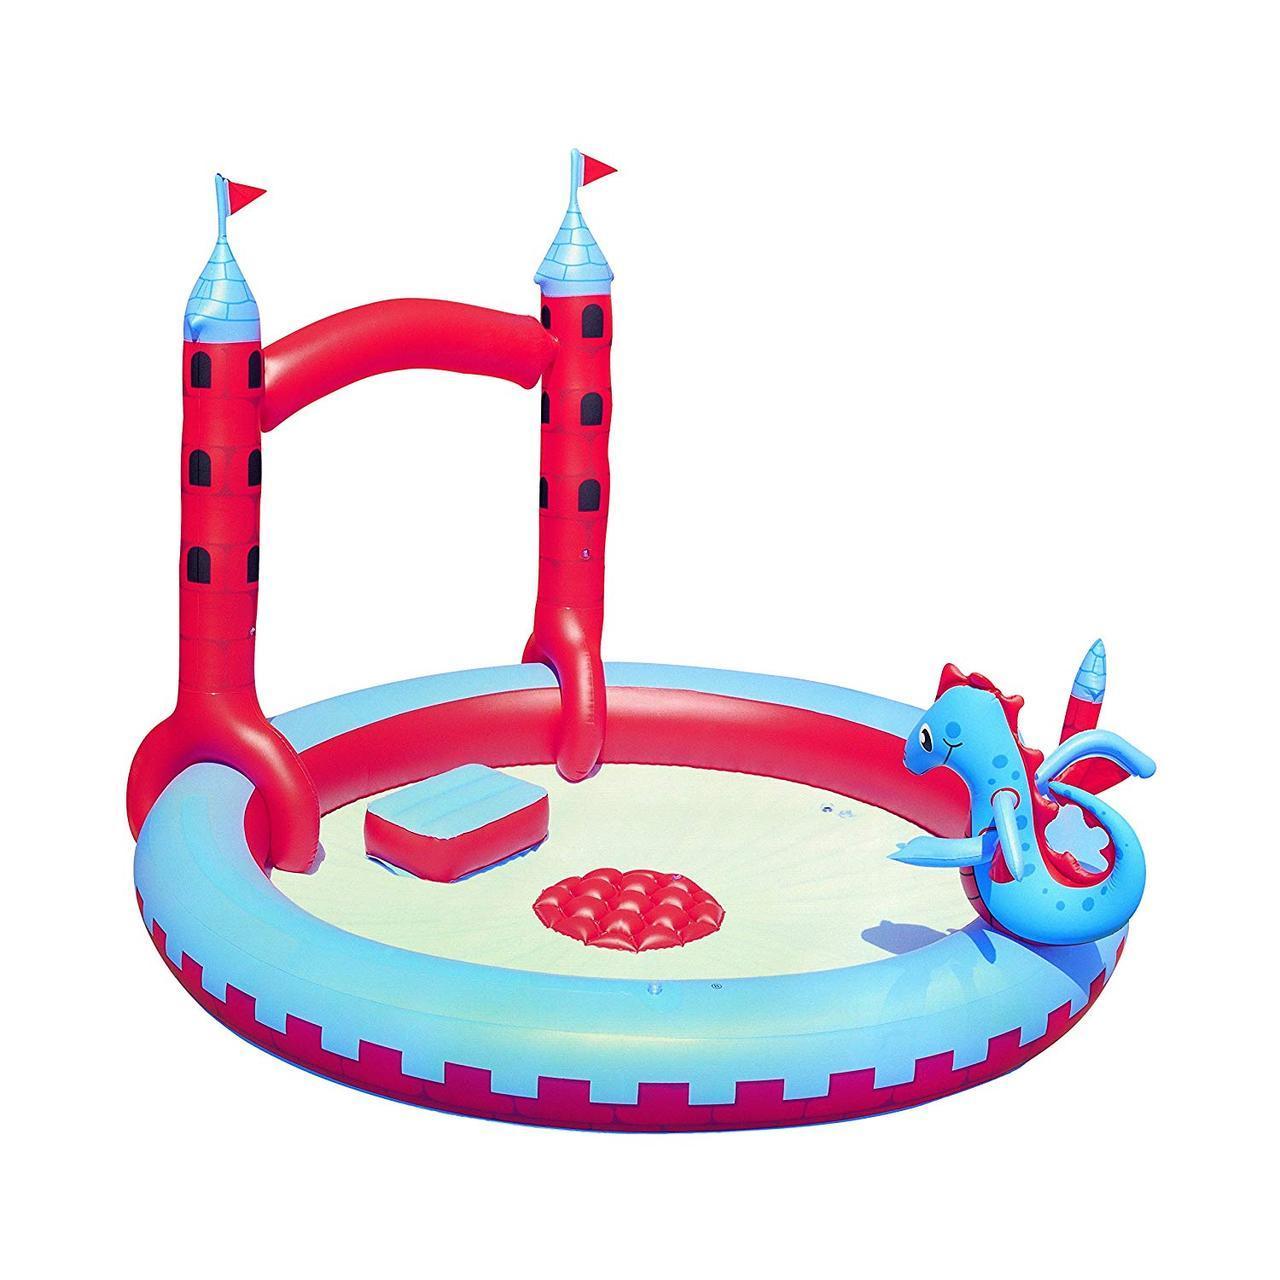 Надувной игровой центр бассейн Bestway 53037 «Замок Дракона» с игрушками и фонтаном